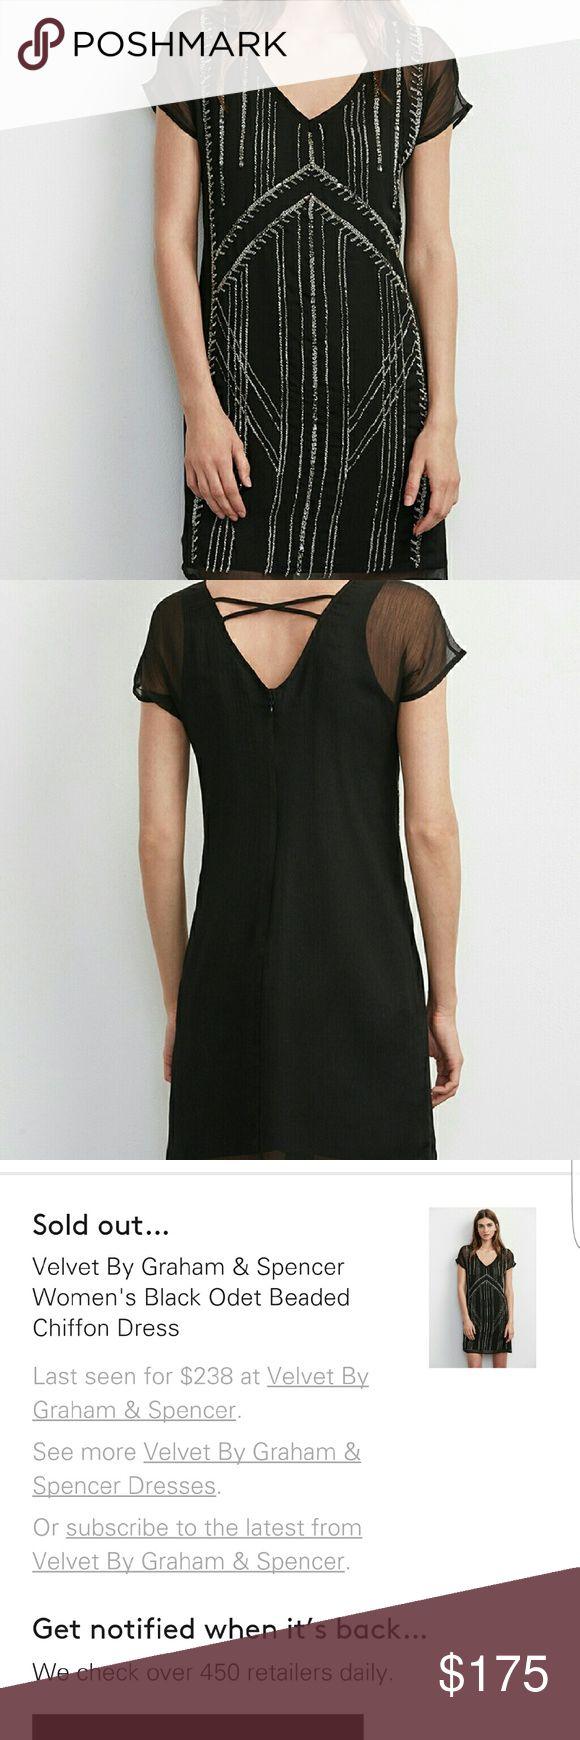 Velvet by graham & spencer beaded chiffon dress Black beaded dress xs sold at Nordstrom worn once for 3 hours to a wedding Velvet Dresses